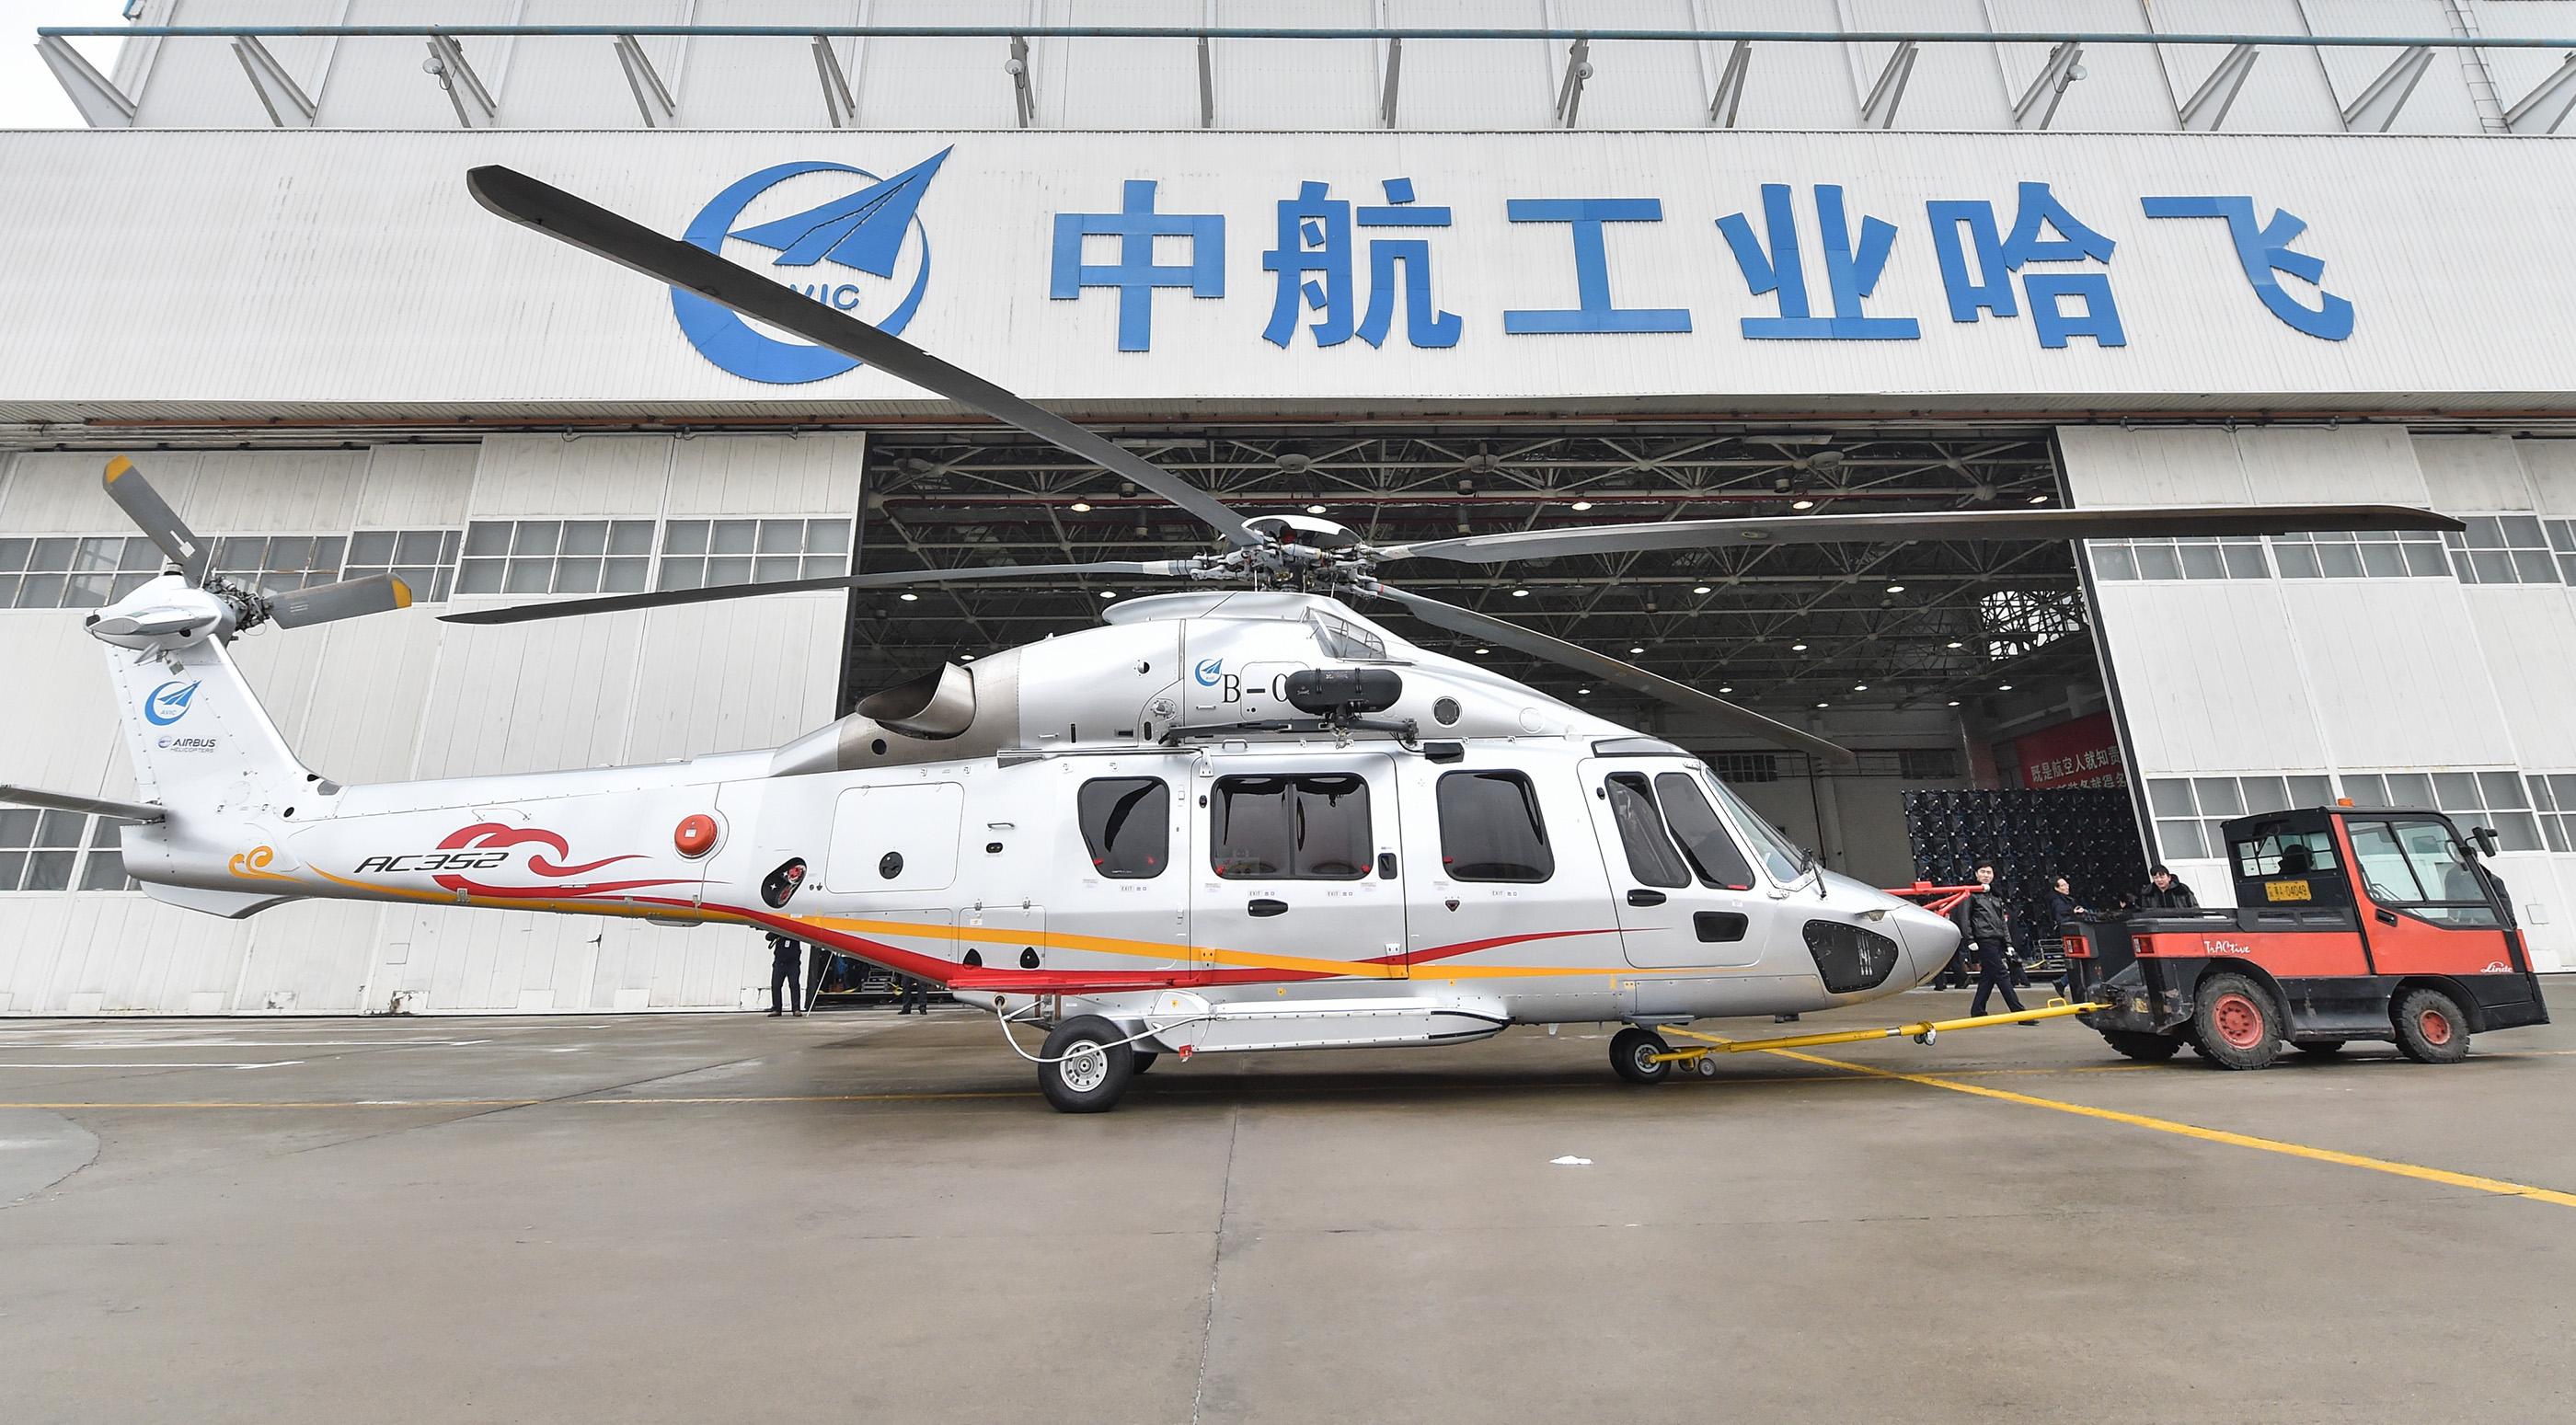 12月20日,中国首款7吨级民用直升机AC352在哈飞首飞。李贺摄